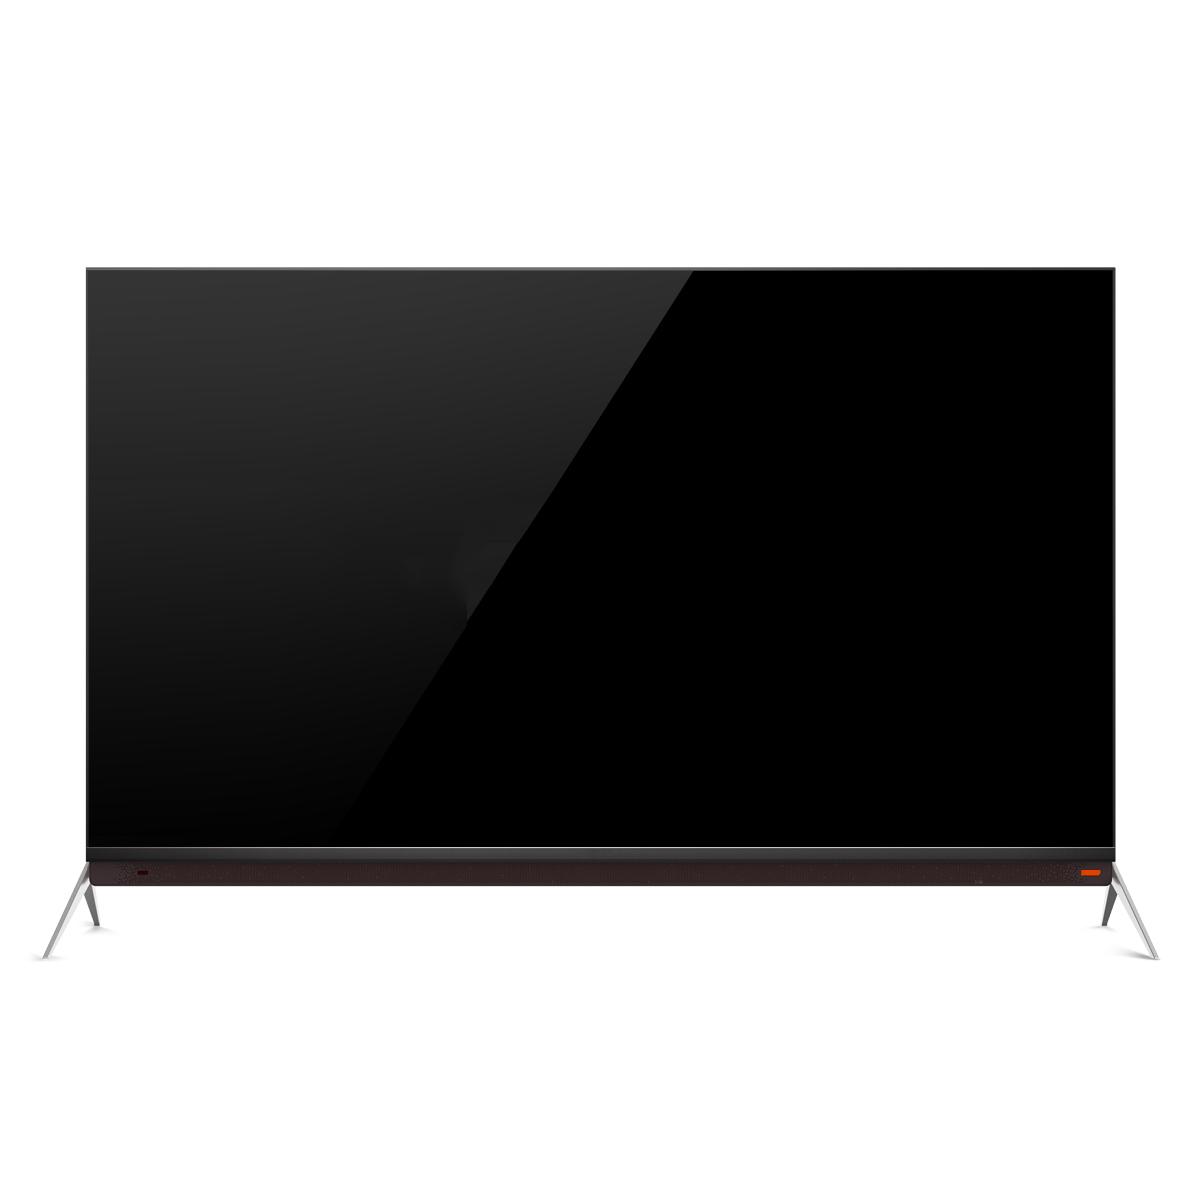 이노스 4K UHD QLED 164cm 사운드 스마트 티비 S6511KU, 스탠드형, 방문설치